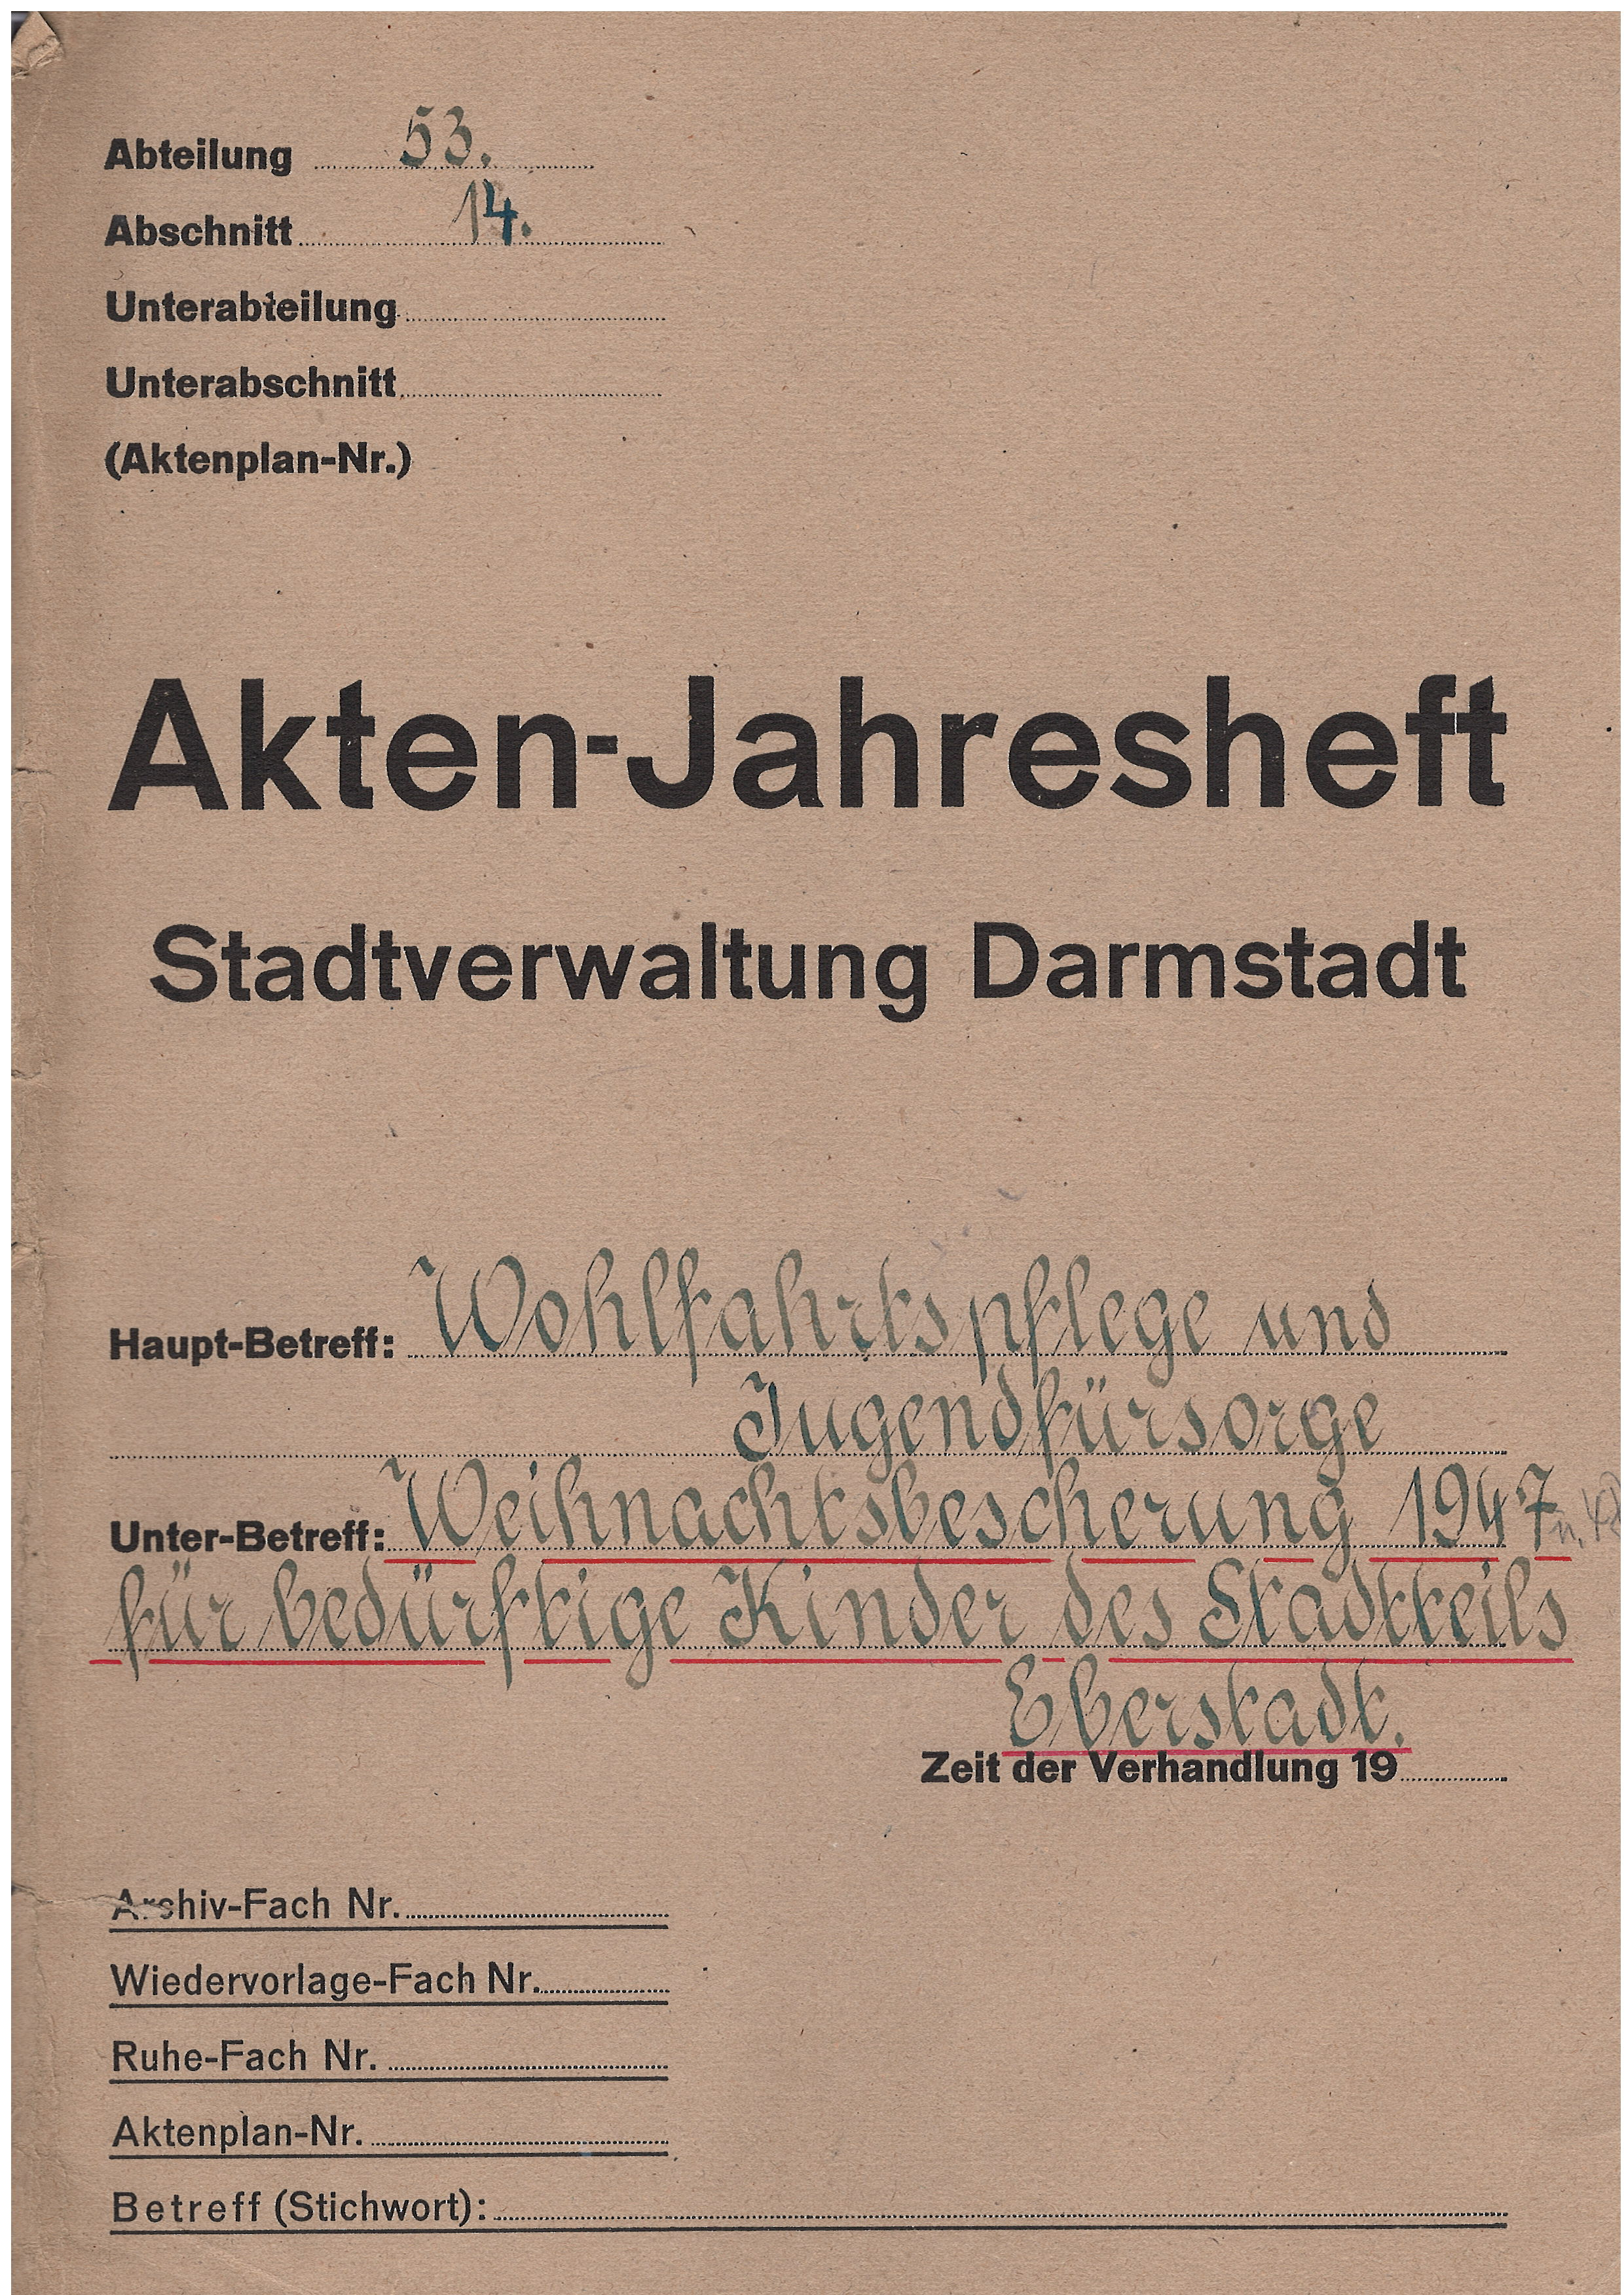 Deckel der Akte zur Weihnachtsbescherung für Eberstädter Kinder, 1947, StadtA DA Best. 201